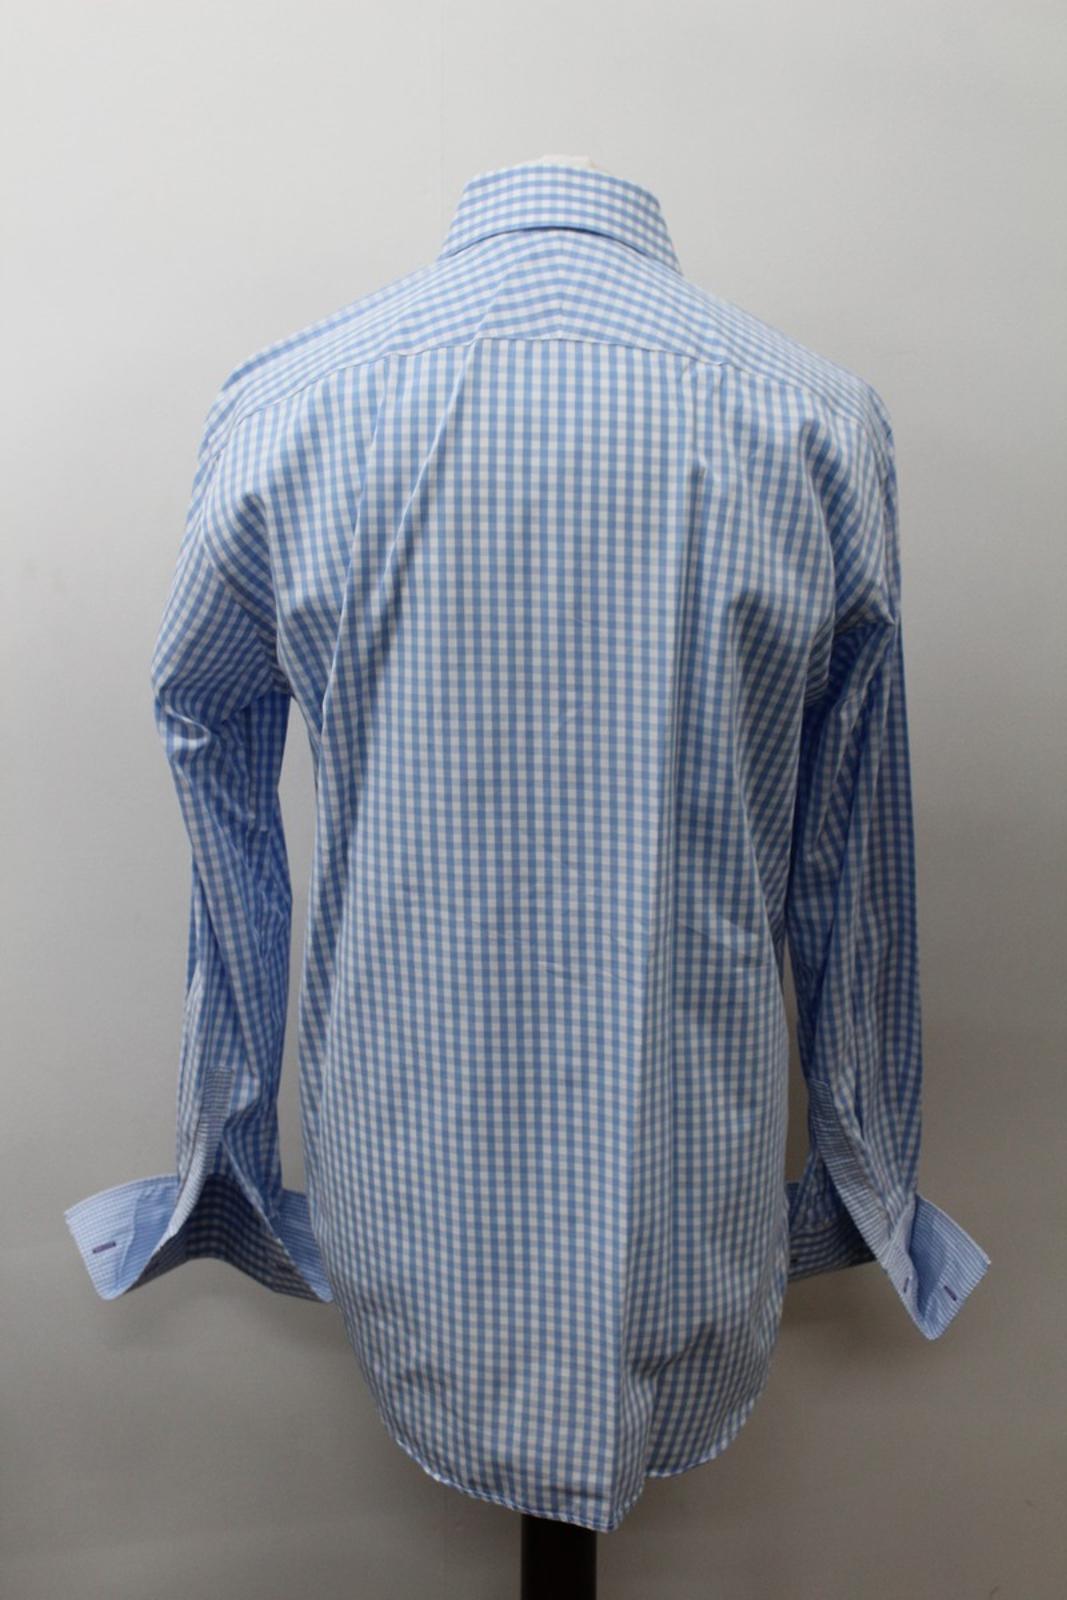 Paul-Smith-Para-Hombre-Camisa-Azul-Blanco-Algodon-comprobado-Formal-Cuello-16-5-034-42cm miniatura 5